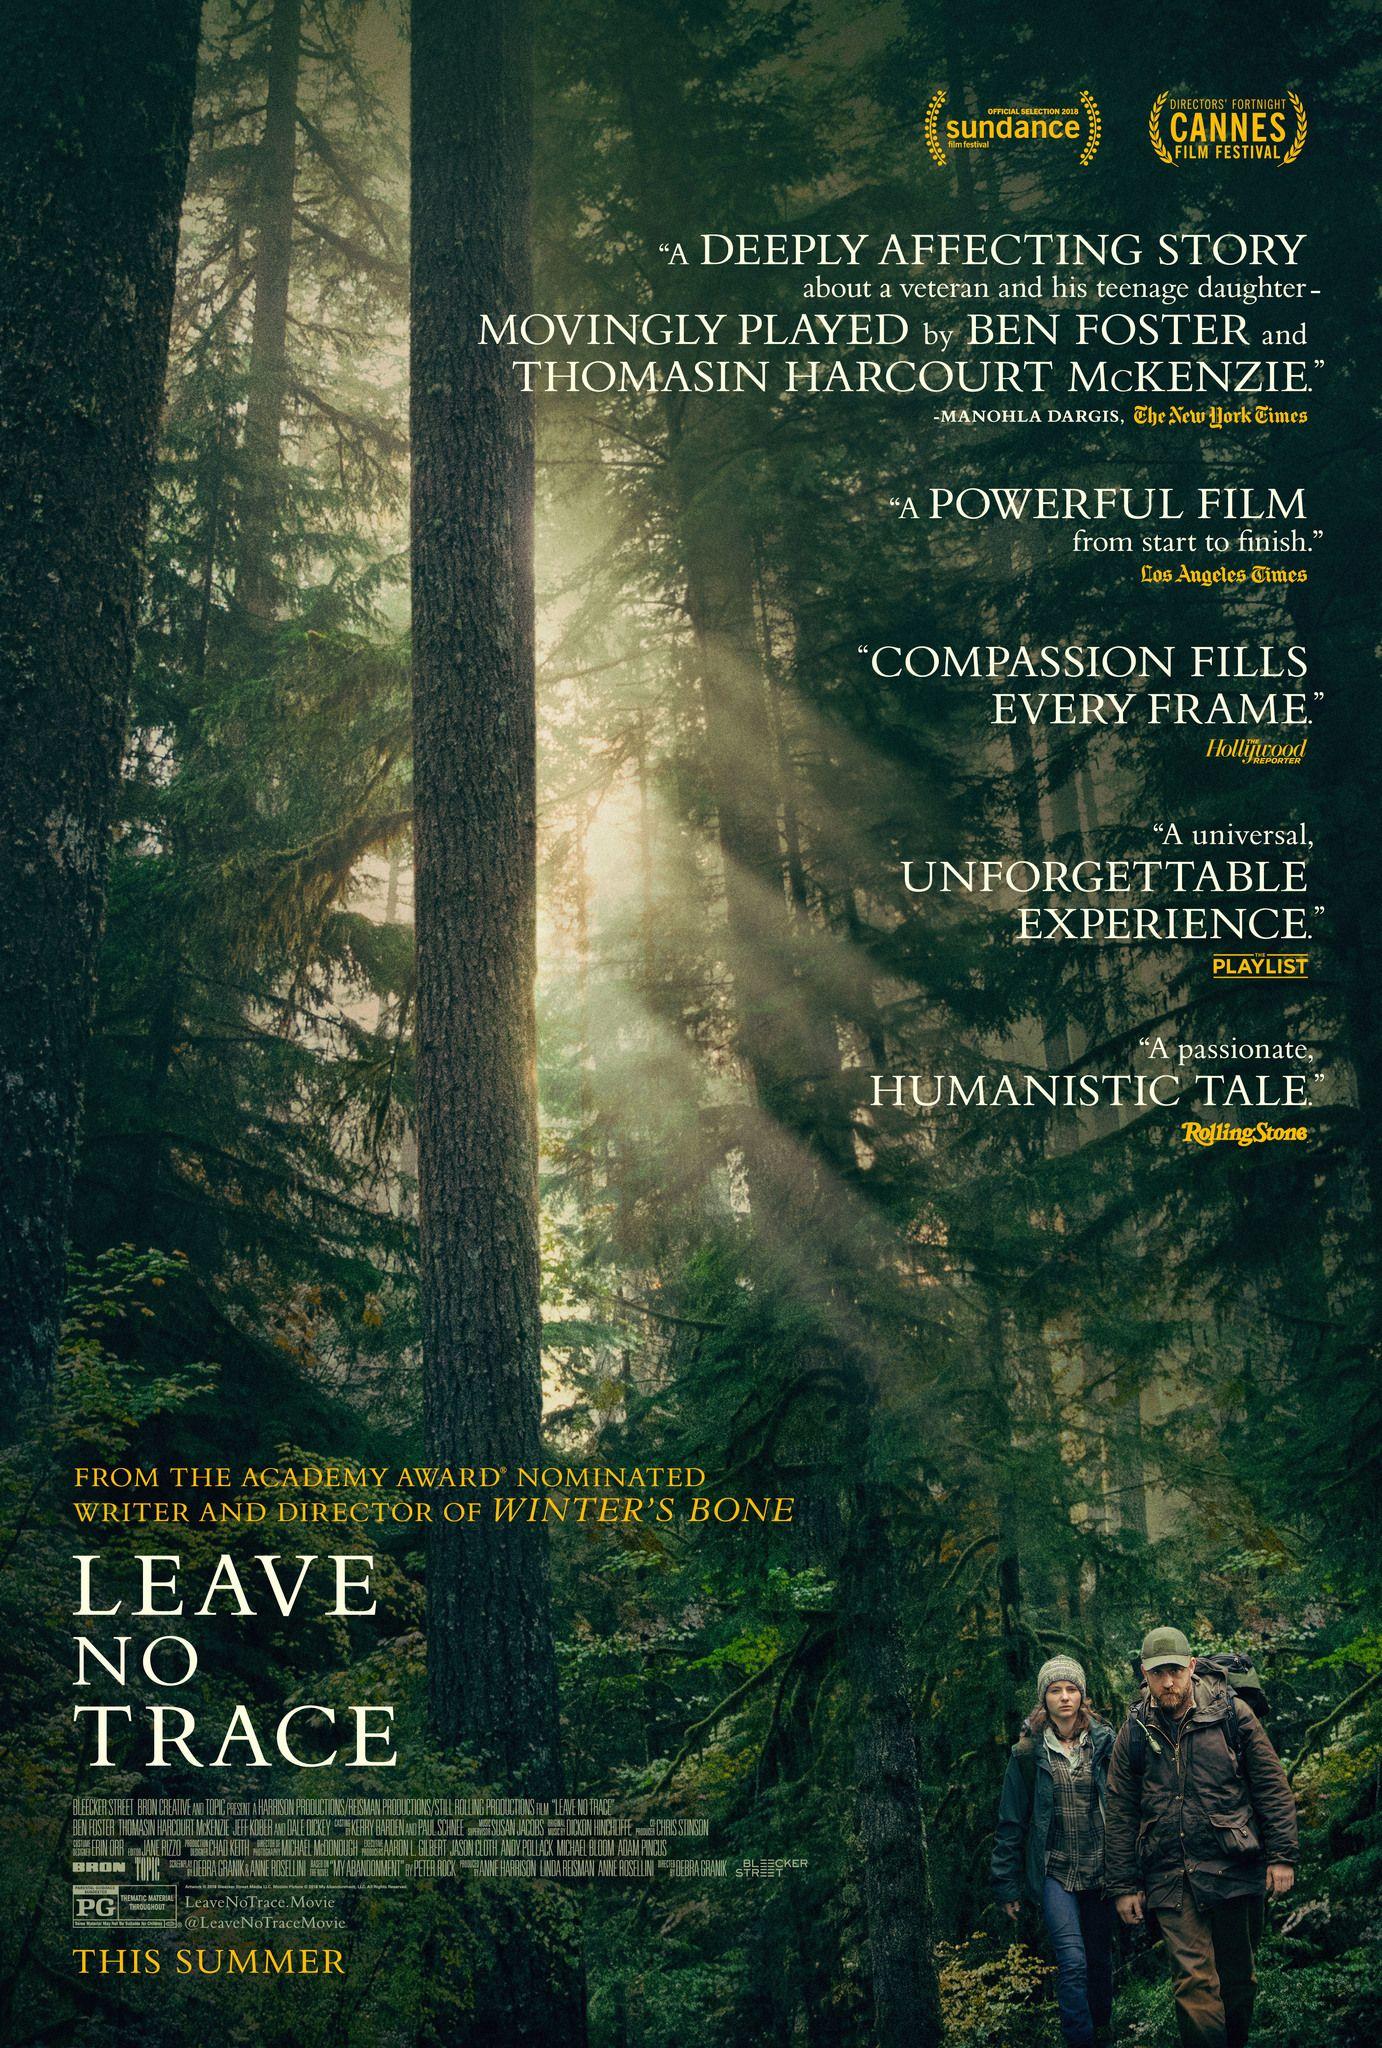 Pin De Scarlett Herbst Em My Kind Of Cinema Filmes De 2018